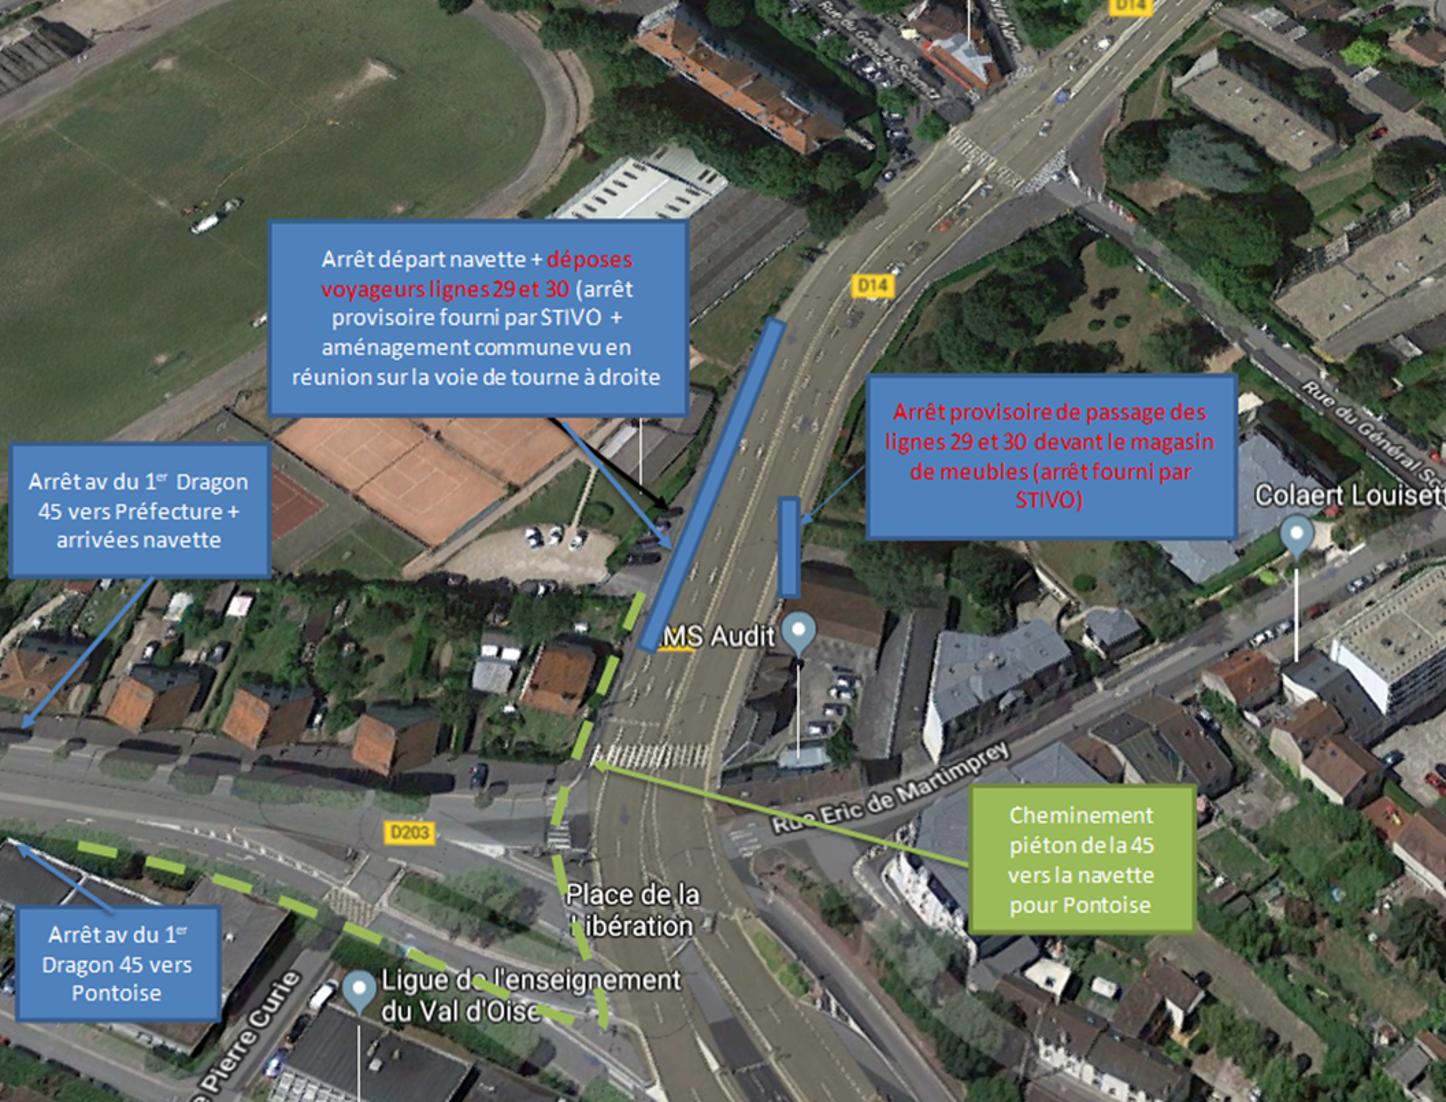 Plan acces navettes gare de Pontoise Canrobert (indications notées dans l'actualité internet)